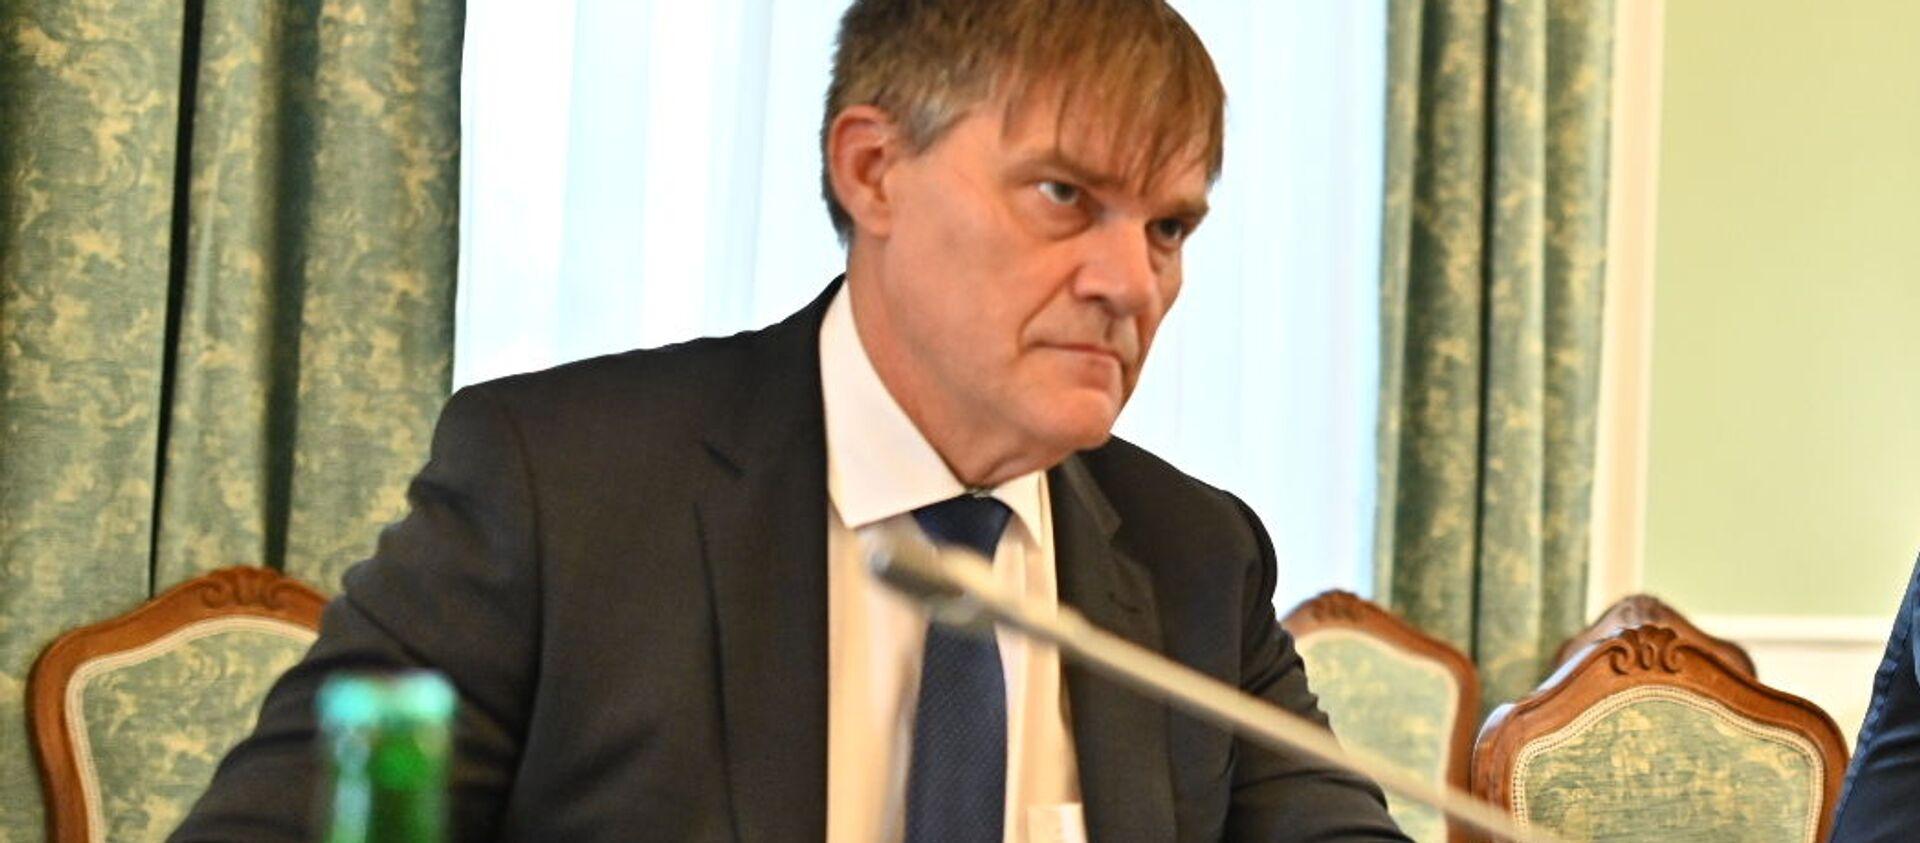 Ředitel zahraničního odboru Kanceláře prezidenta republiky Rudolf Jindrák a premiér České republiky Andrej Babiš - Sputnik Česká republika, 1920, 18.04.2021